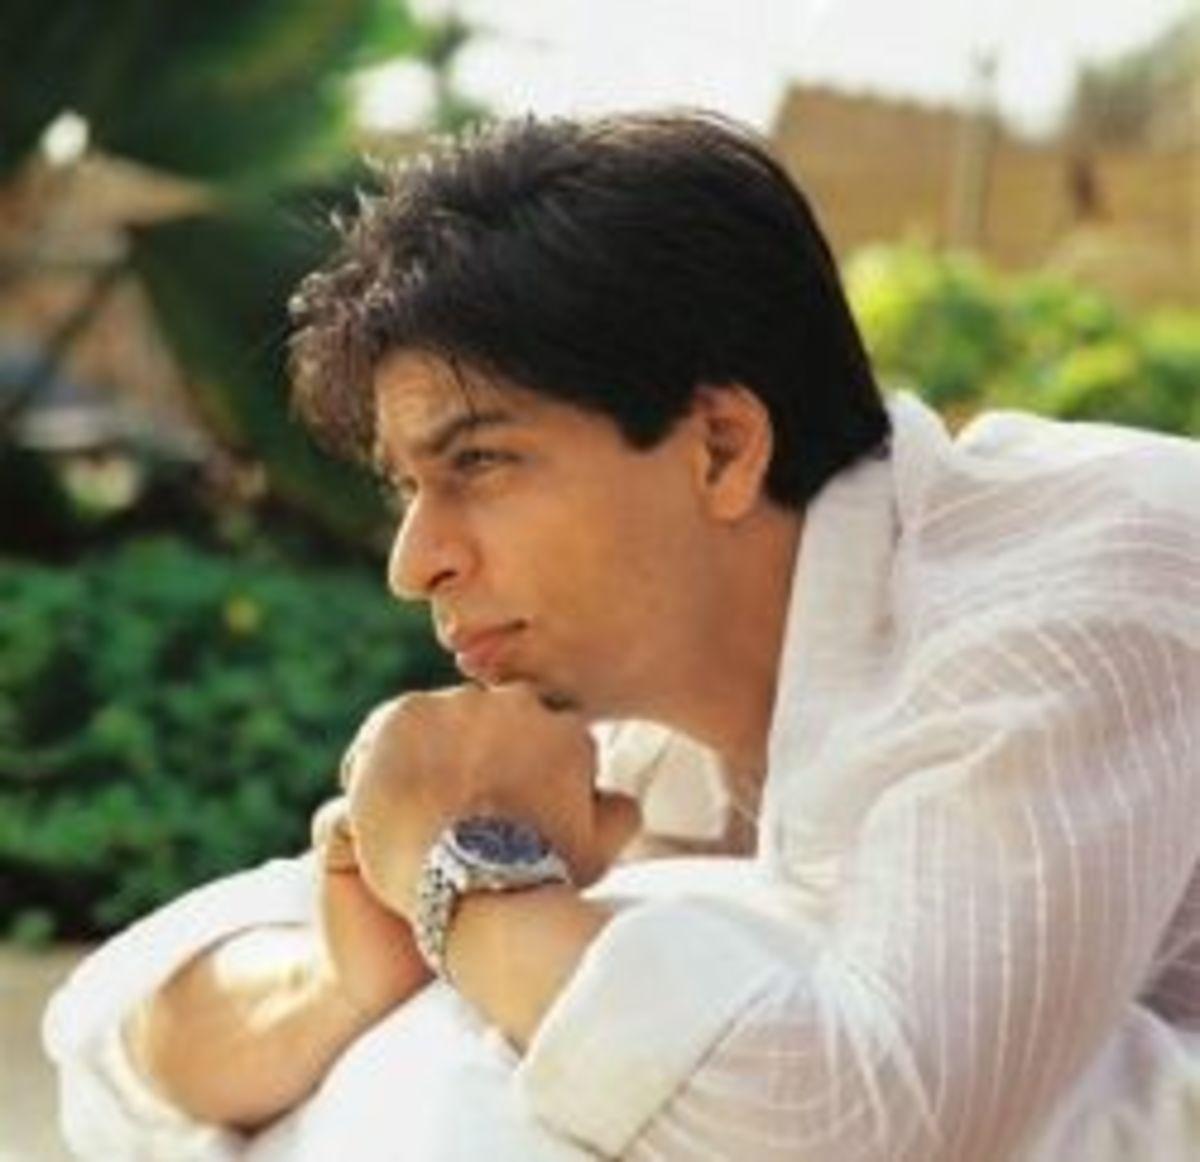 Ra one Shahrukh khan